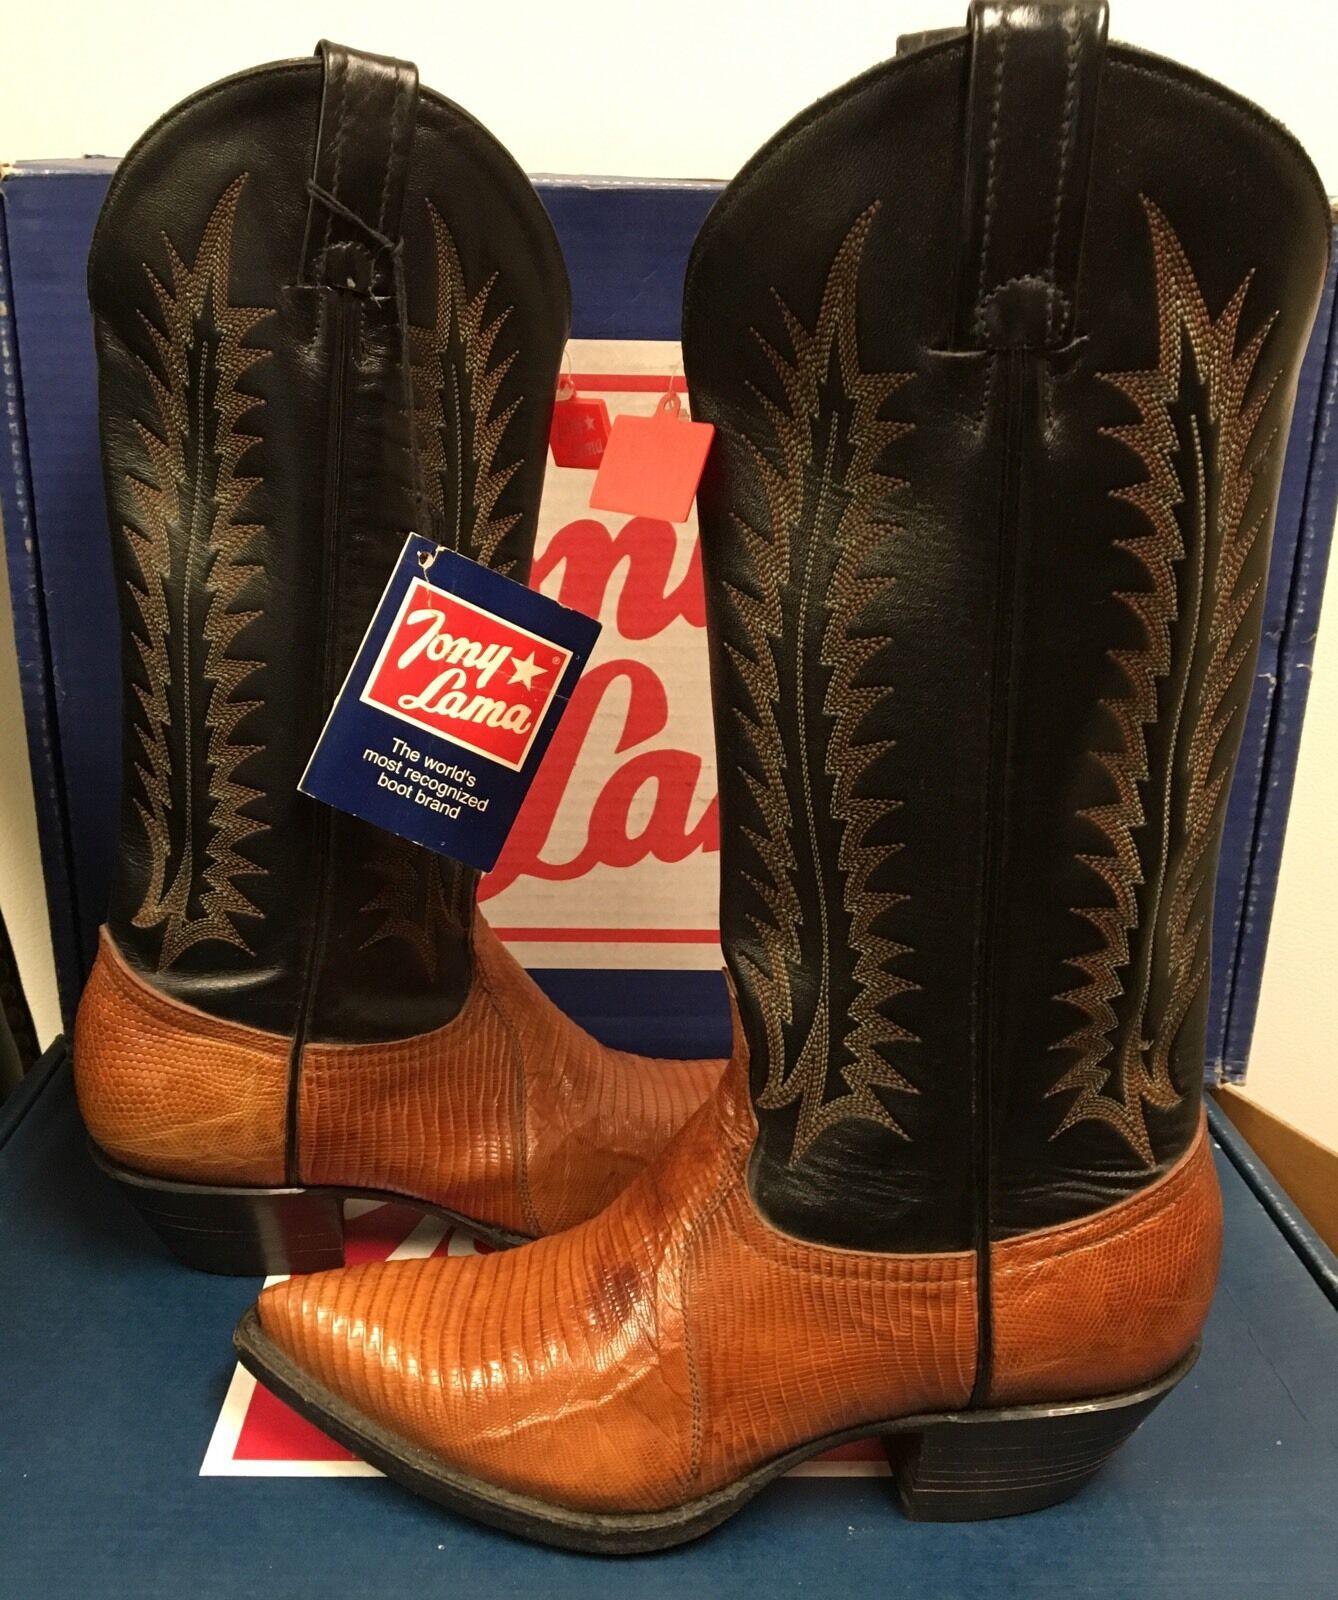 Tony Lama Women's Western Boots  Tan & Black Lizard Y8403 Size 5 B